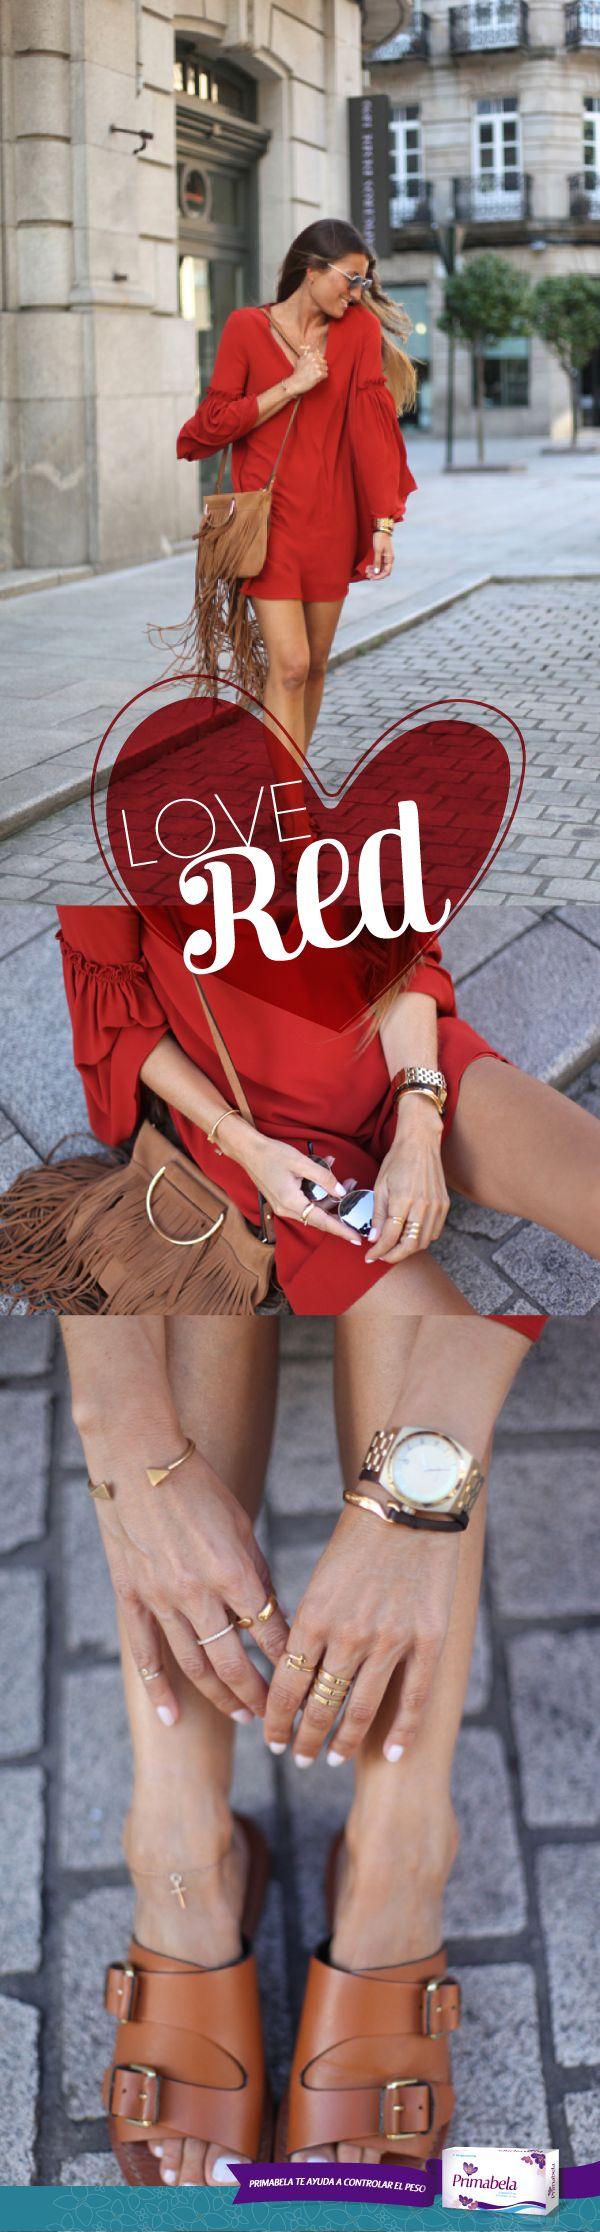 Combinalo con café y joyas doradas, deslumbrarás con tu outfit. #LoveRed #Rojo #Color #Joyeria #In #Primabela